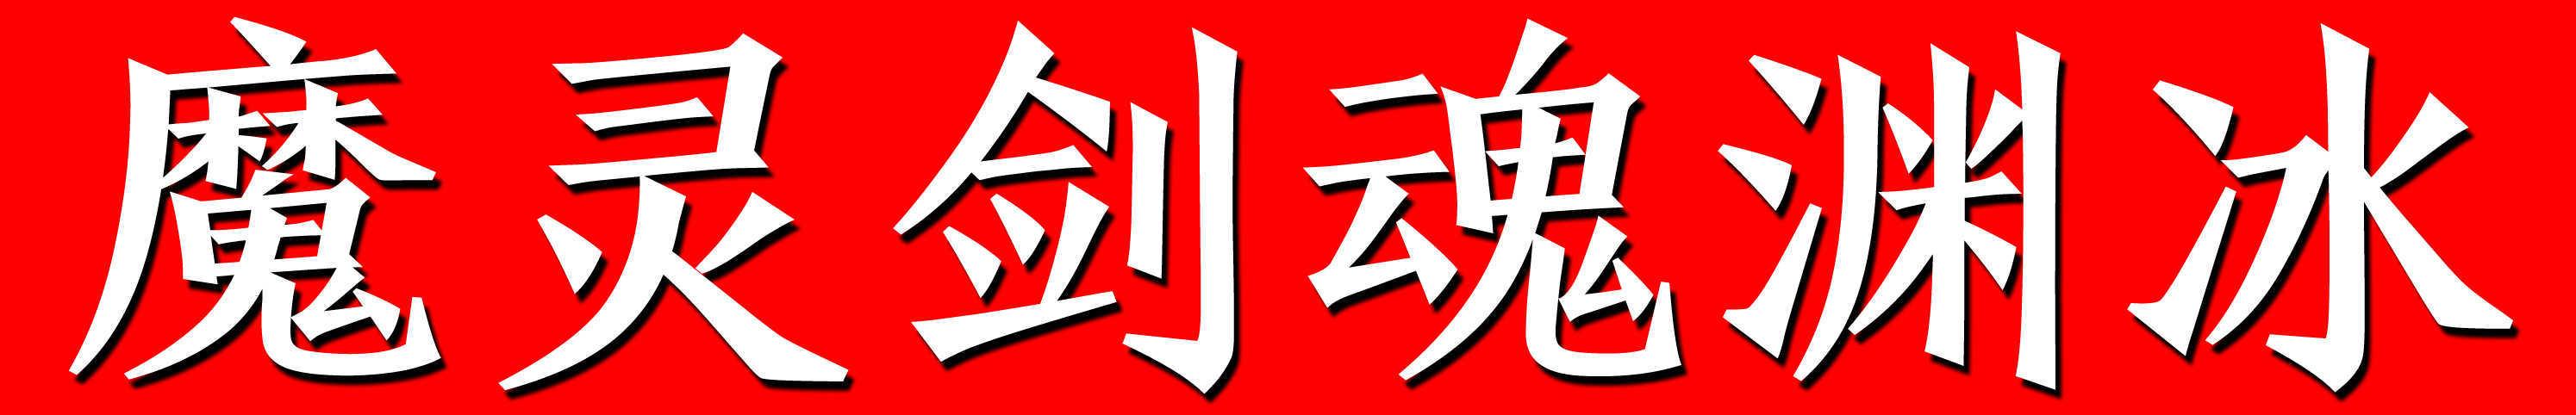 魔灵剑魂渊冰 banner